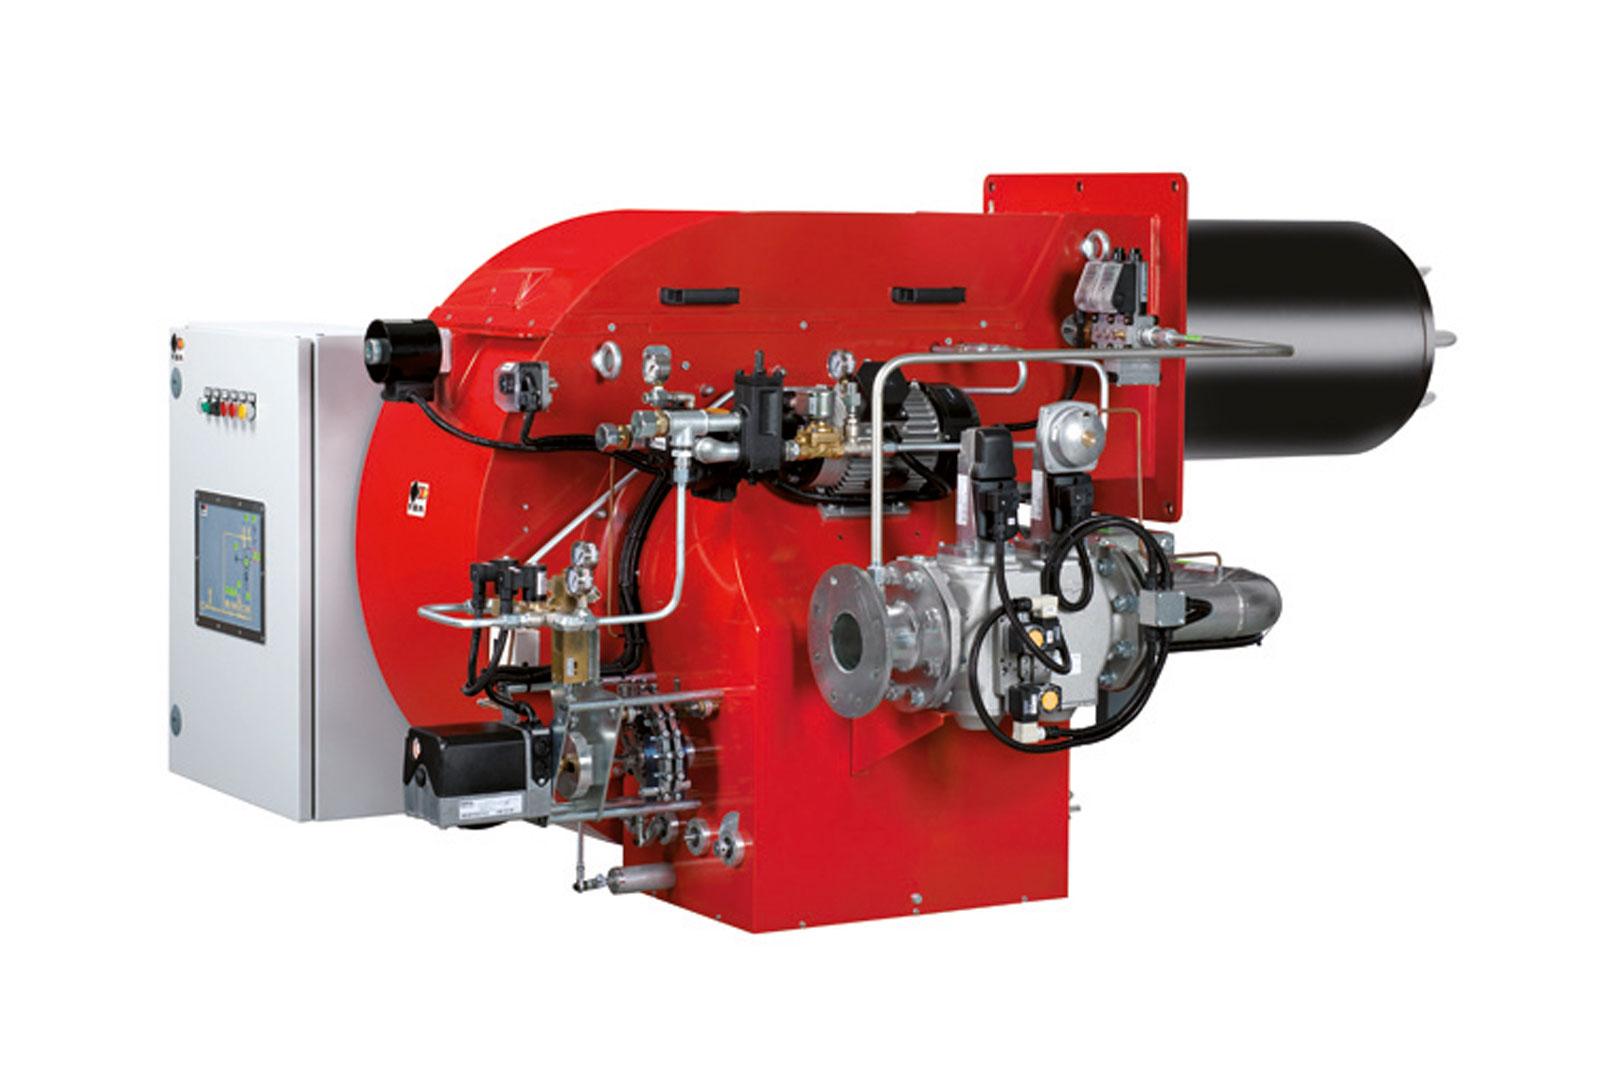 quemador-cremax-mixto-gas-gasoleo-1-llama-22Kw-a-232kw-flamax-eficiencia-energetica-ppal